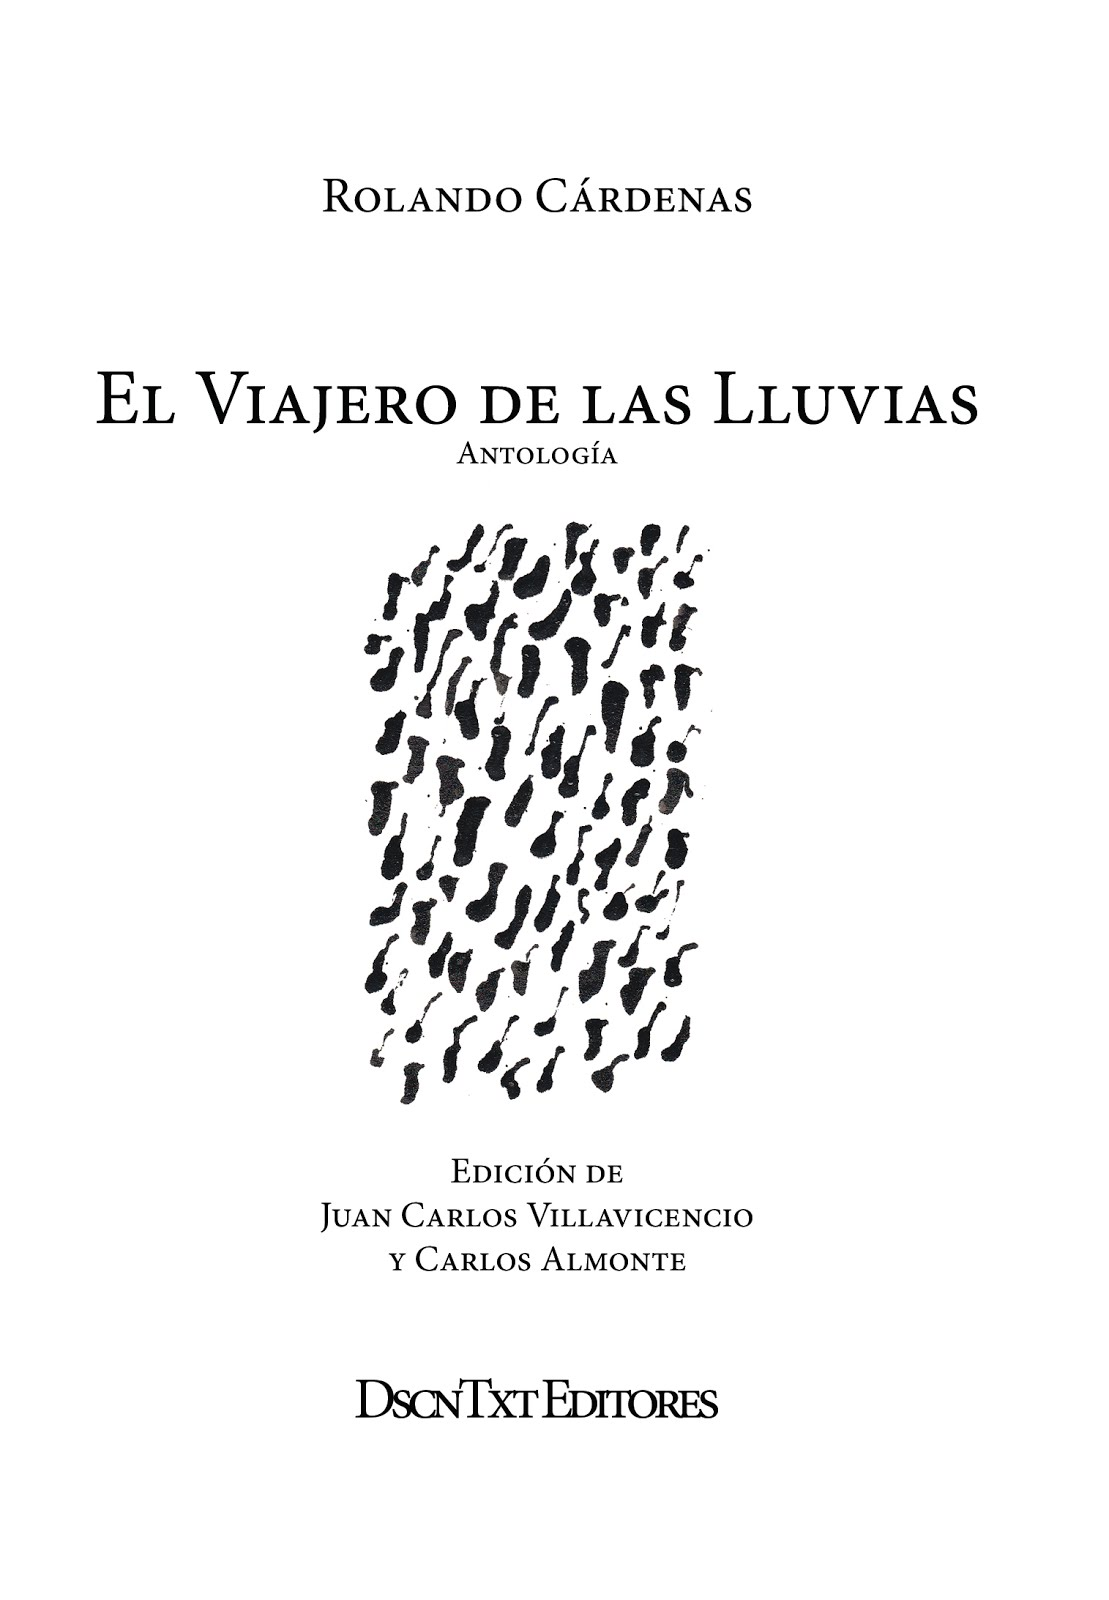 El viajero de las lluvias, de Rolando Cárdenas. Edición de Villavicencio y Almonte